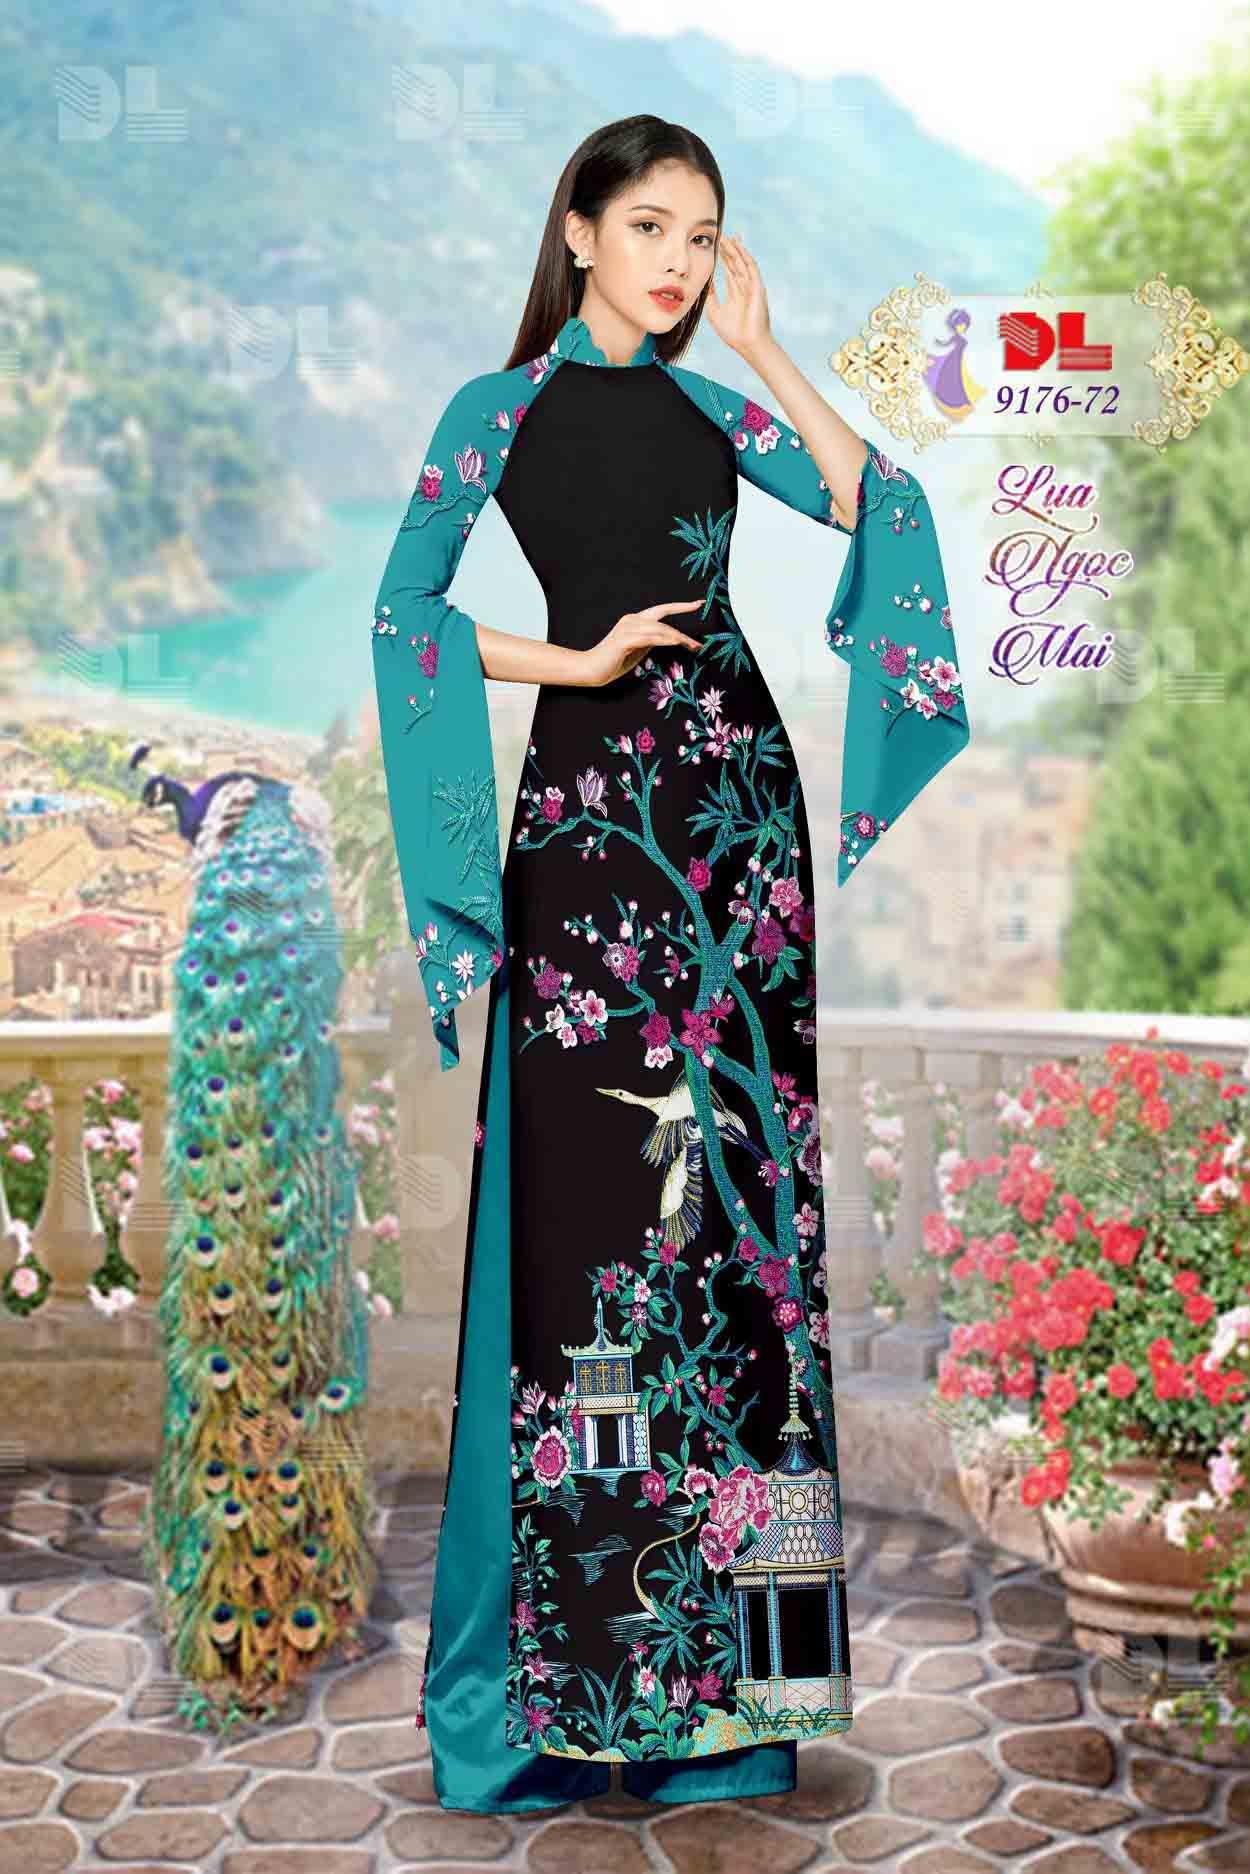 Vải Áo Dài Phong Cảnh AD 9176 49